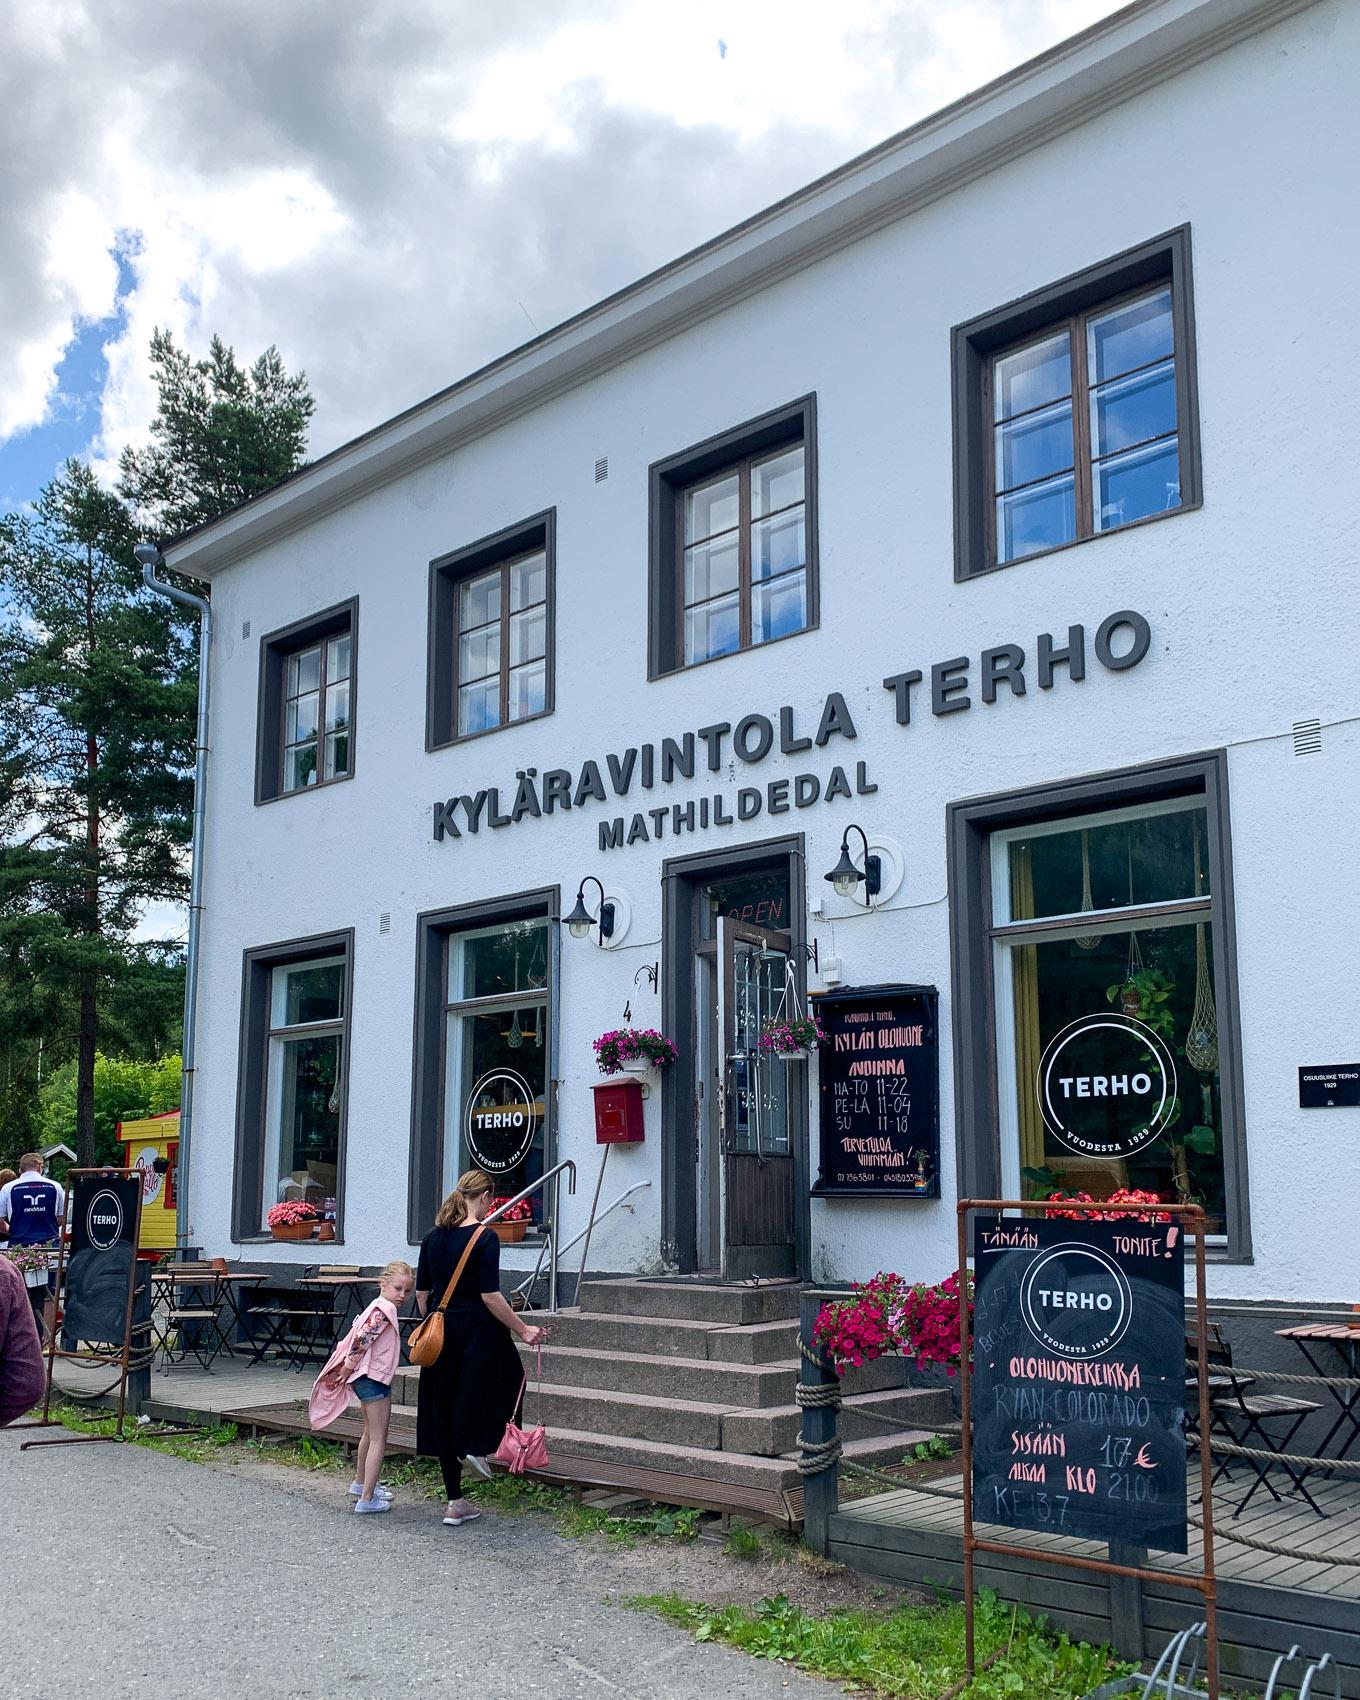 Mathildedal - Kyläravintola Terho